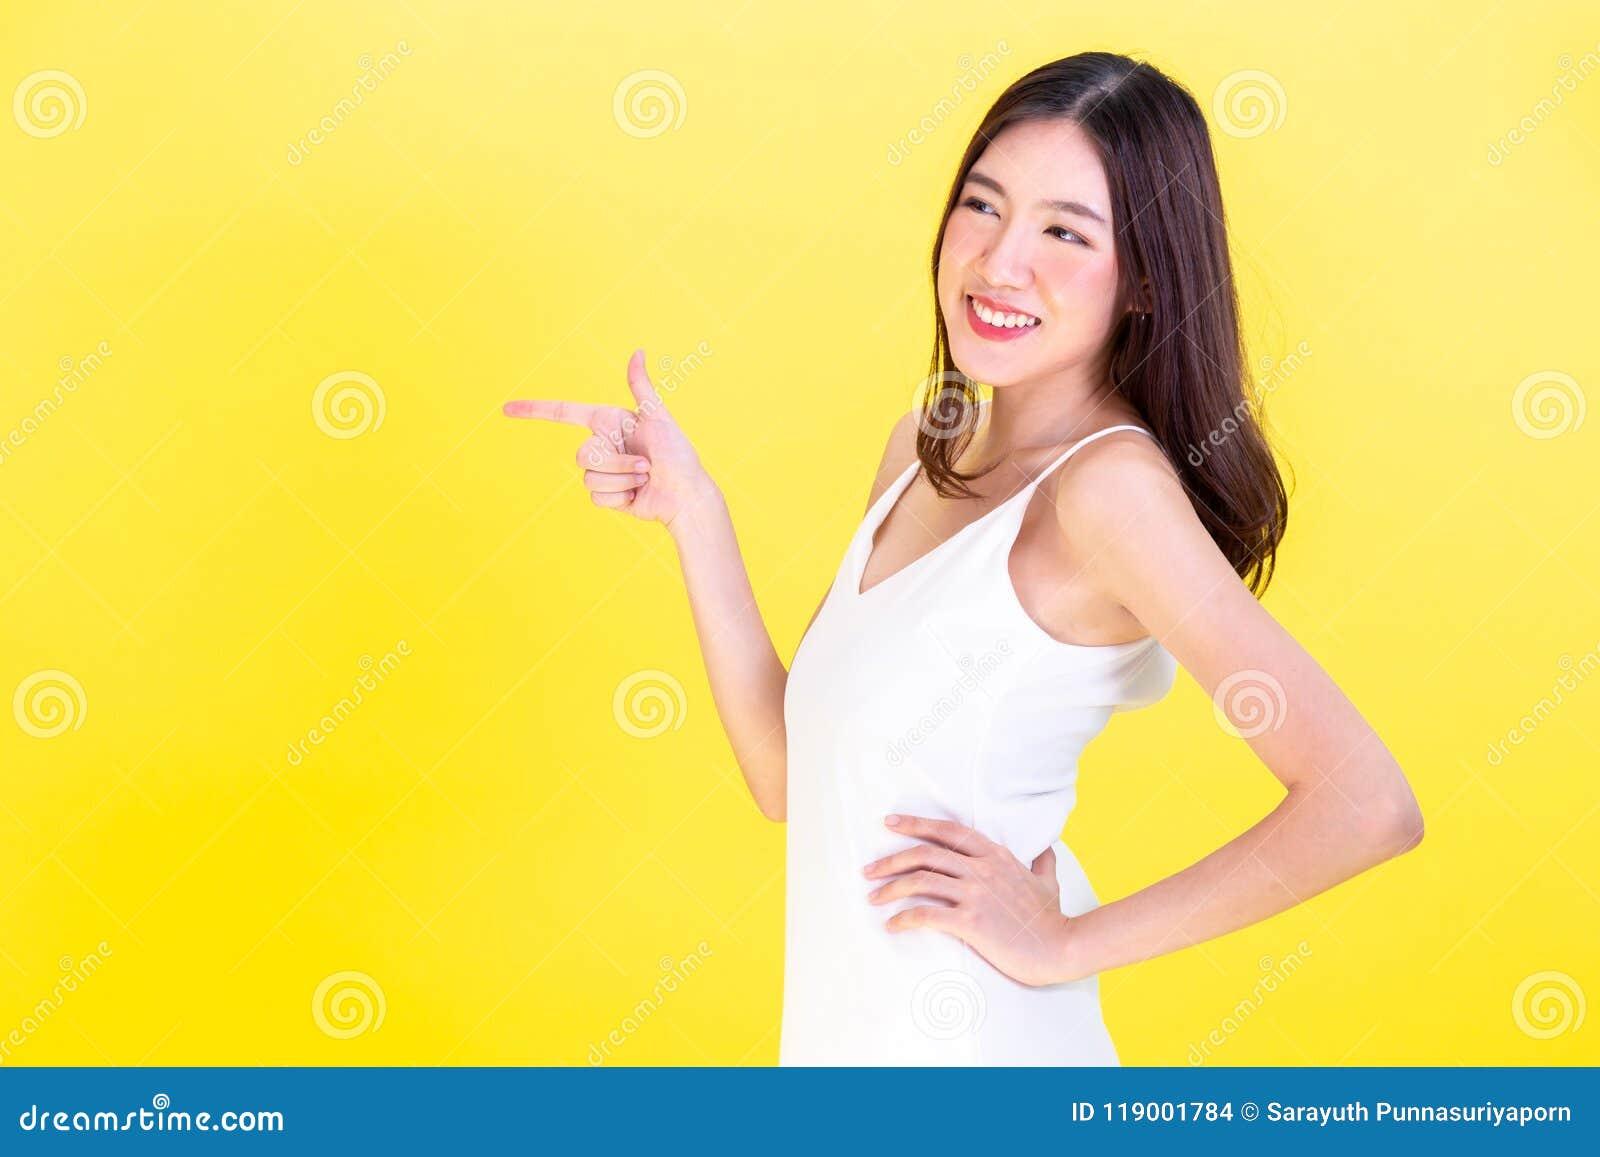 指向手空的拷贝空间和摆在胳膊的亚裔逗人喜爱的妇女两手插腰在黄色背景